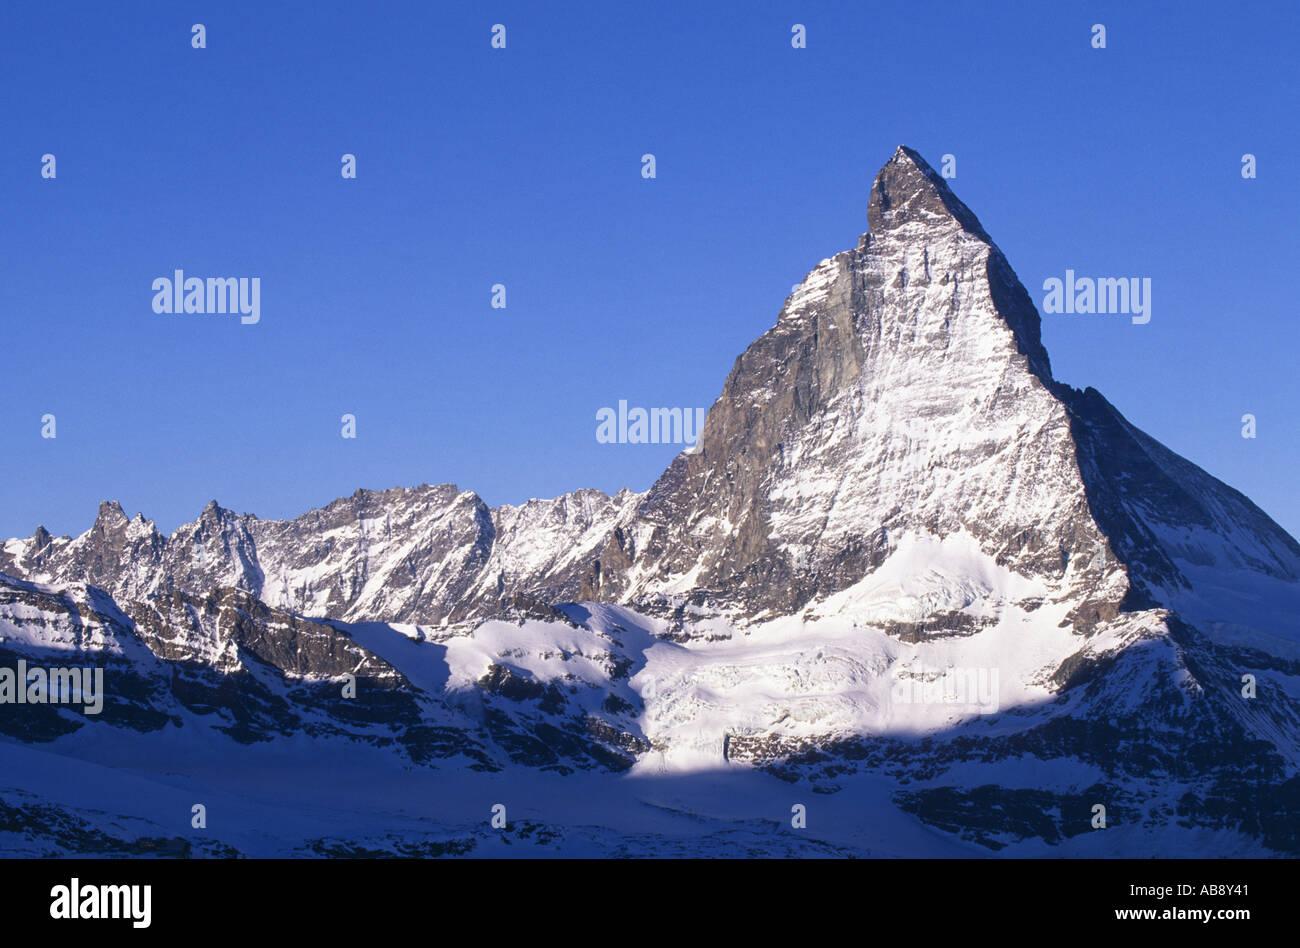 matterhorn 4478 m mont cervin le cervin monte cervino